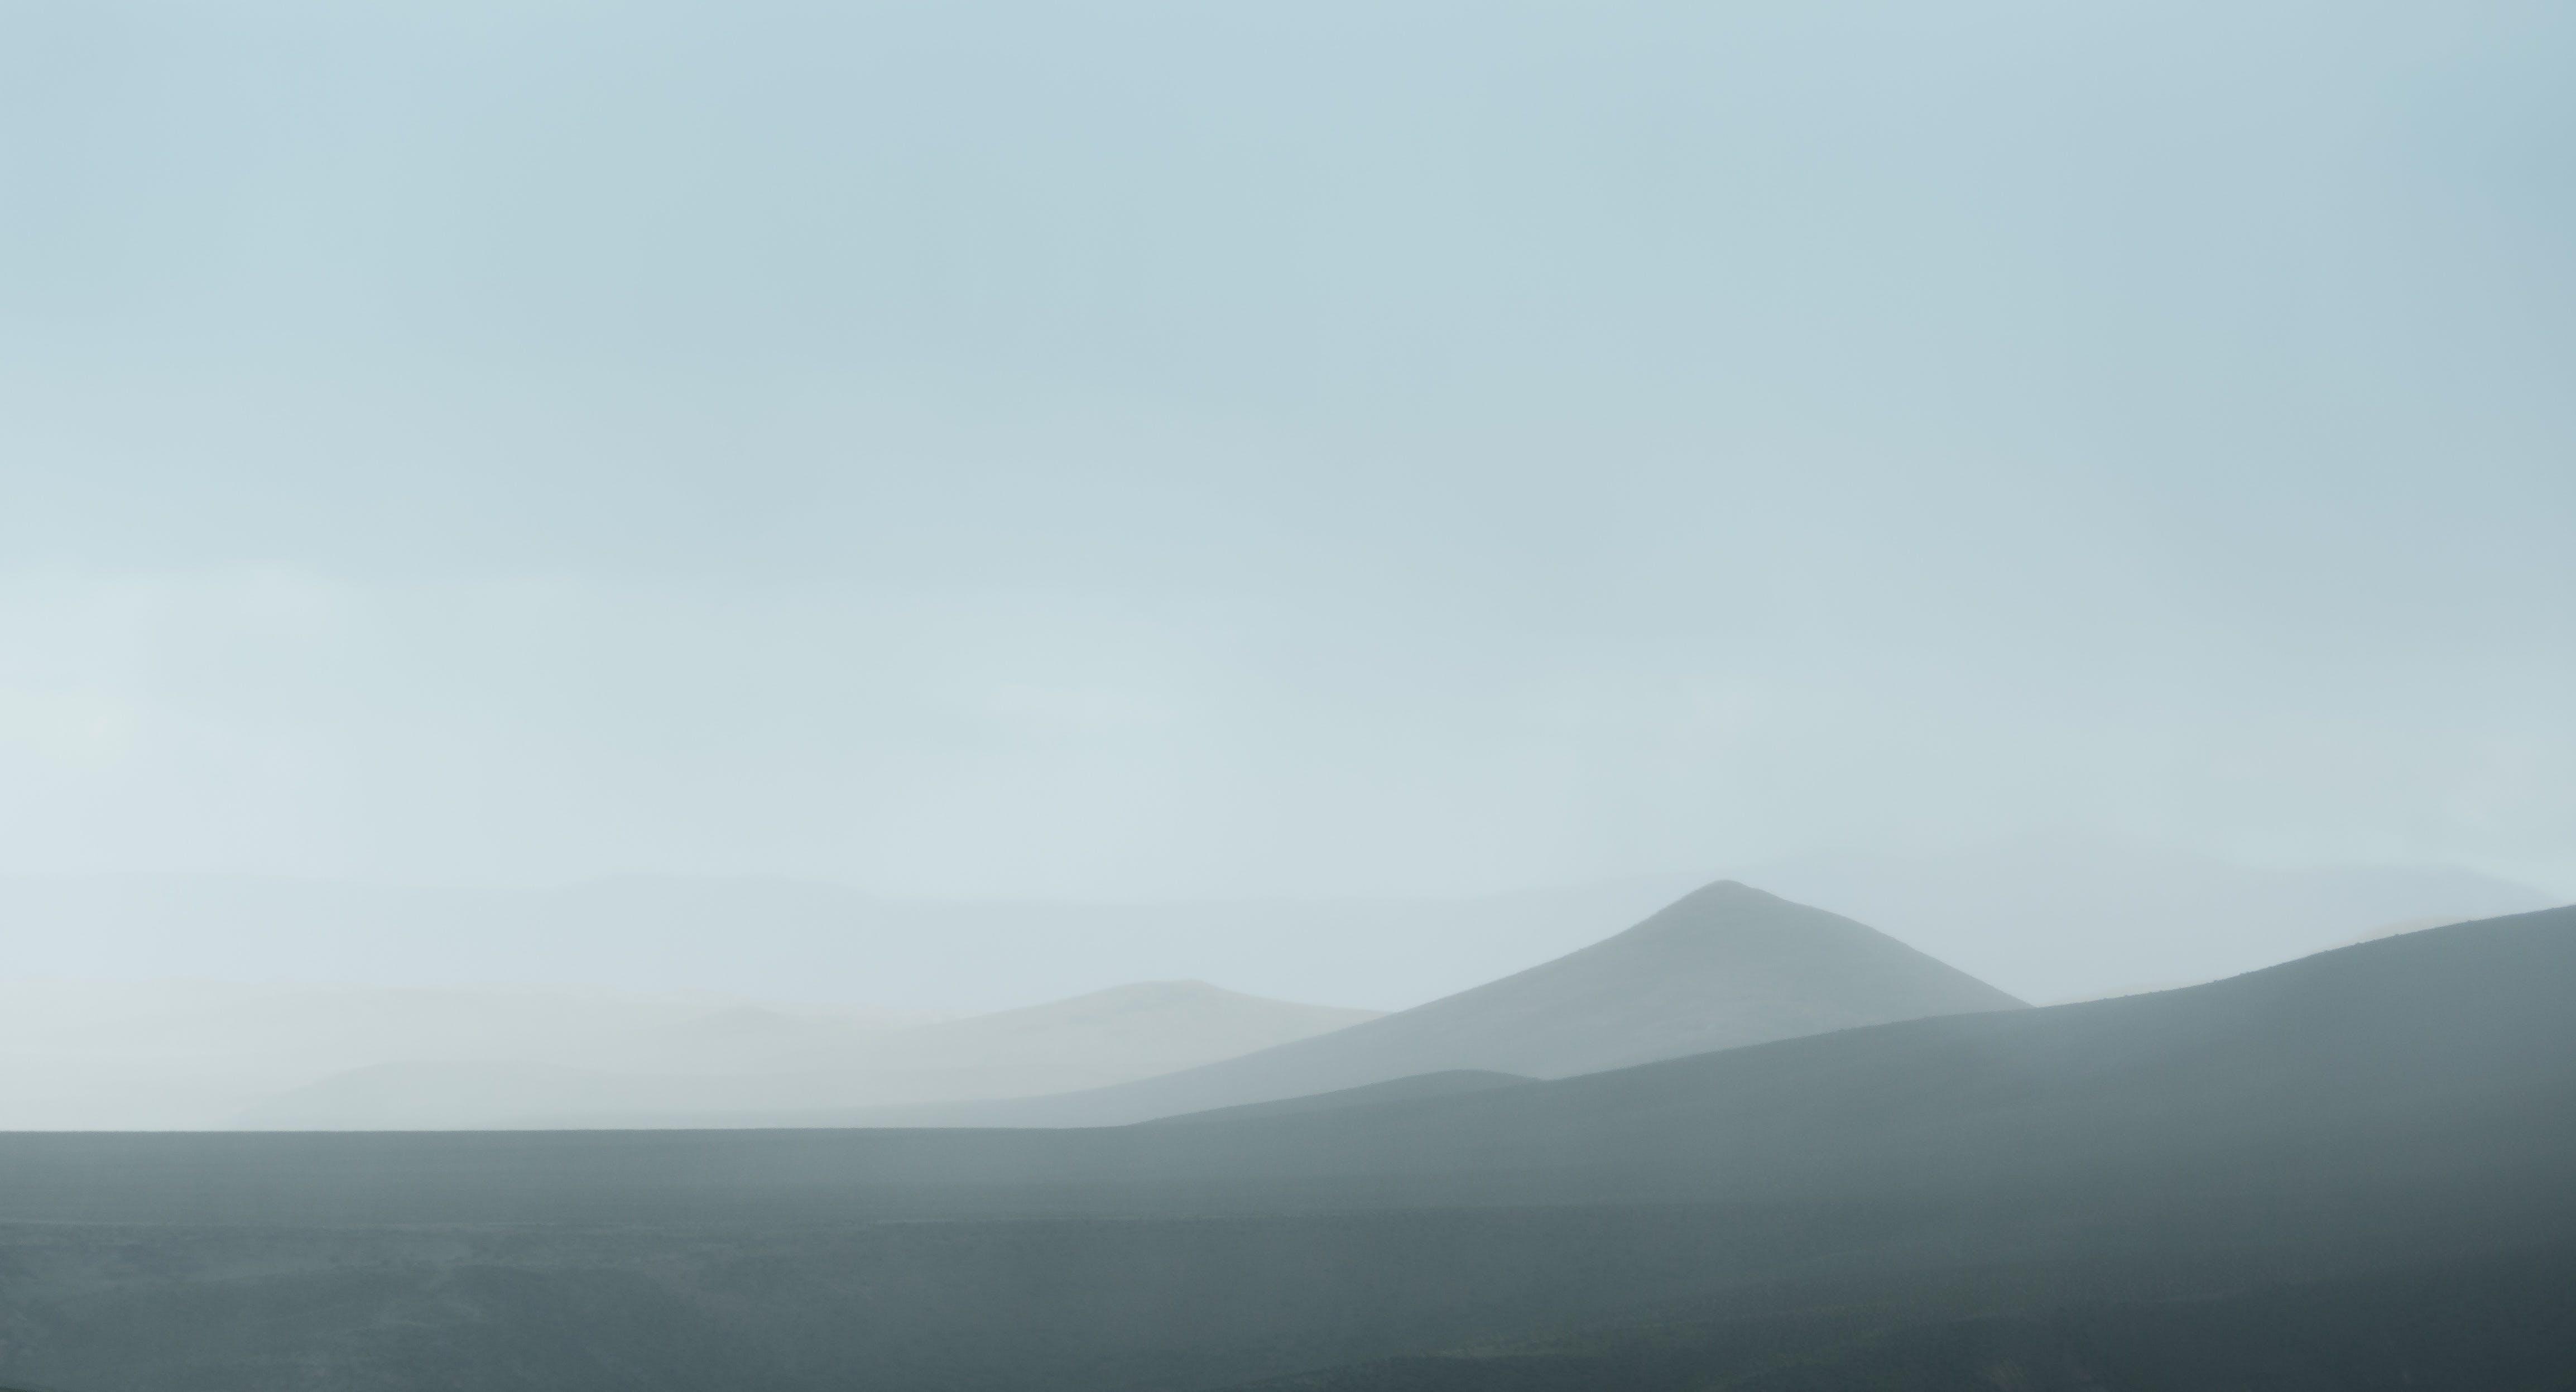 Free stock photo of mountains, fog, distance, monochrome